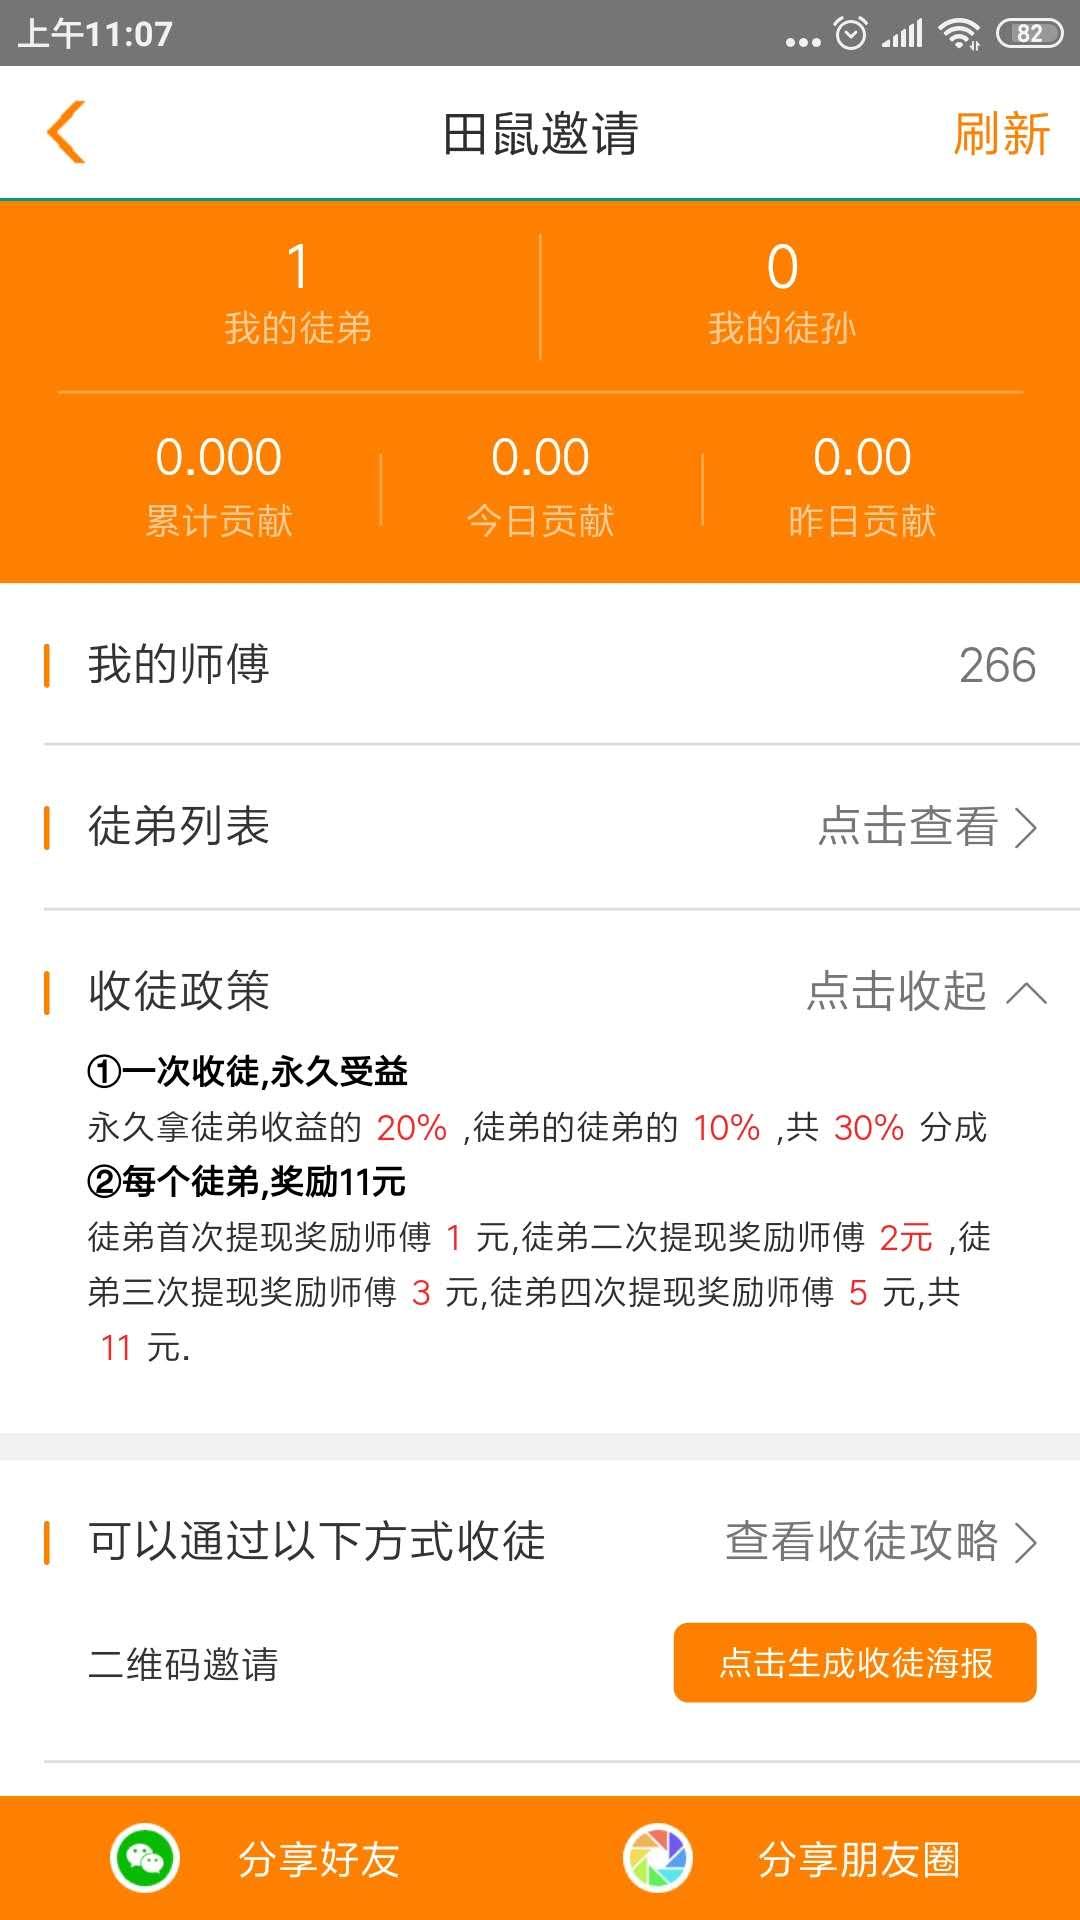 田鼠网app官网下载